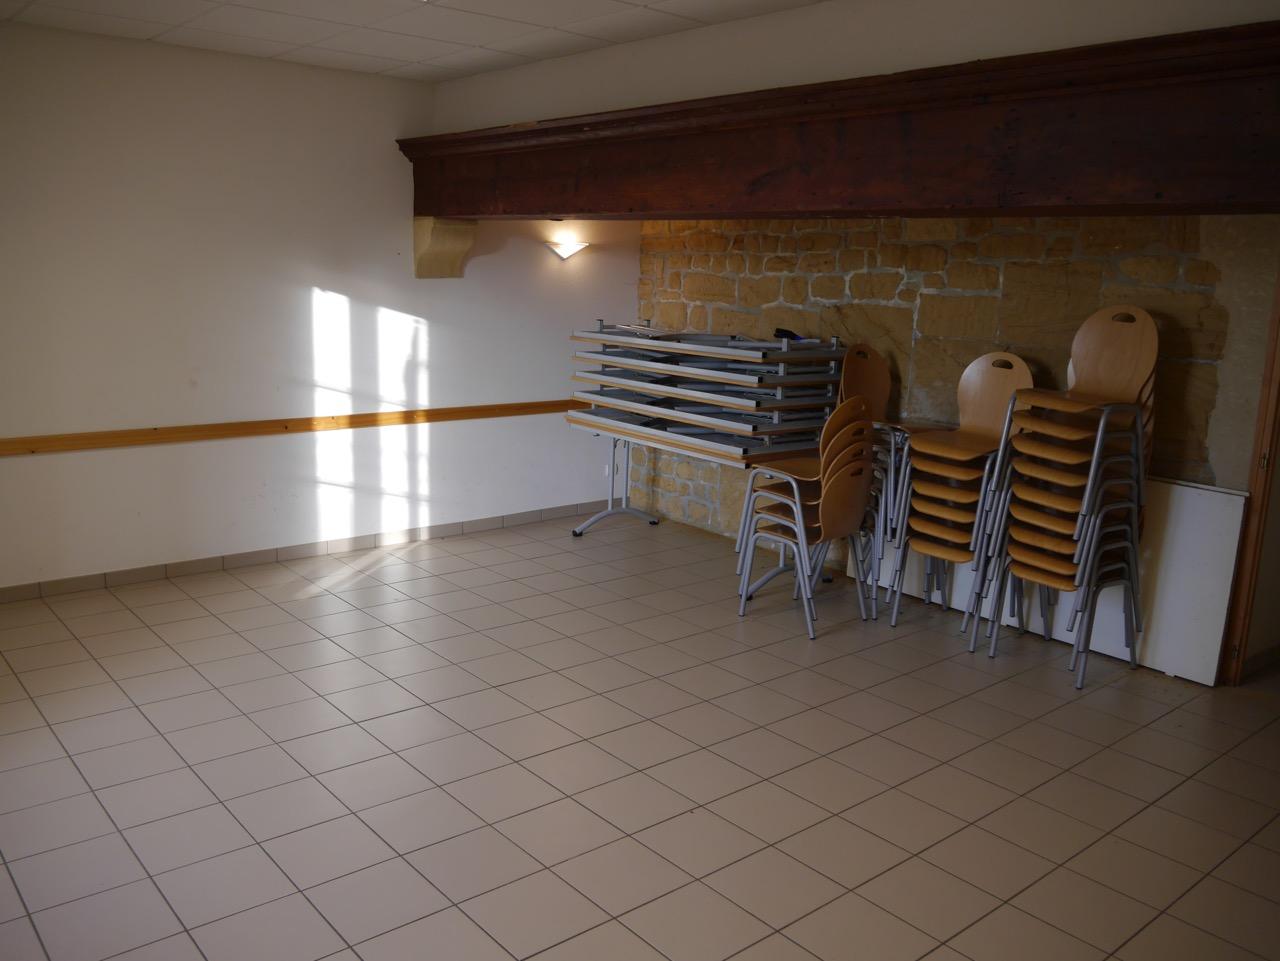 Salle de convivialité